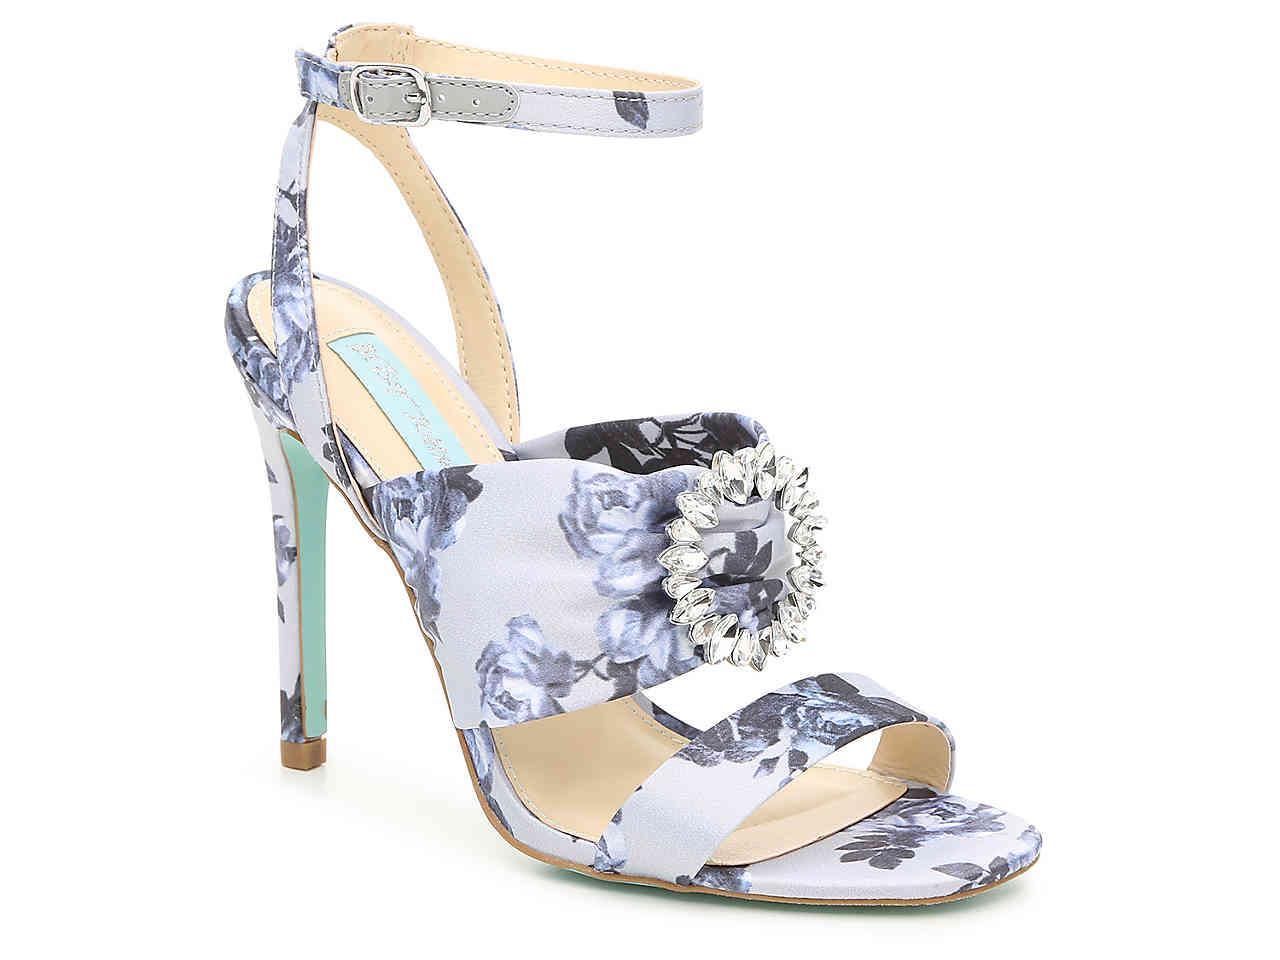 Betsey Johnson Scoti Embellished Floral Sandal ka3qkSCbt4